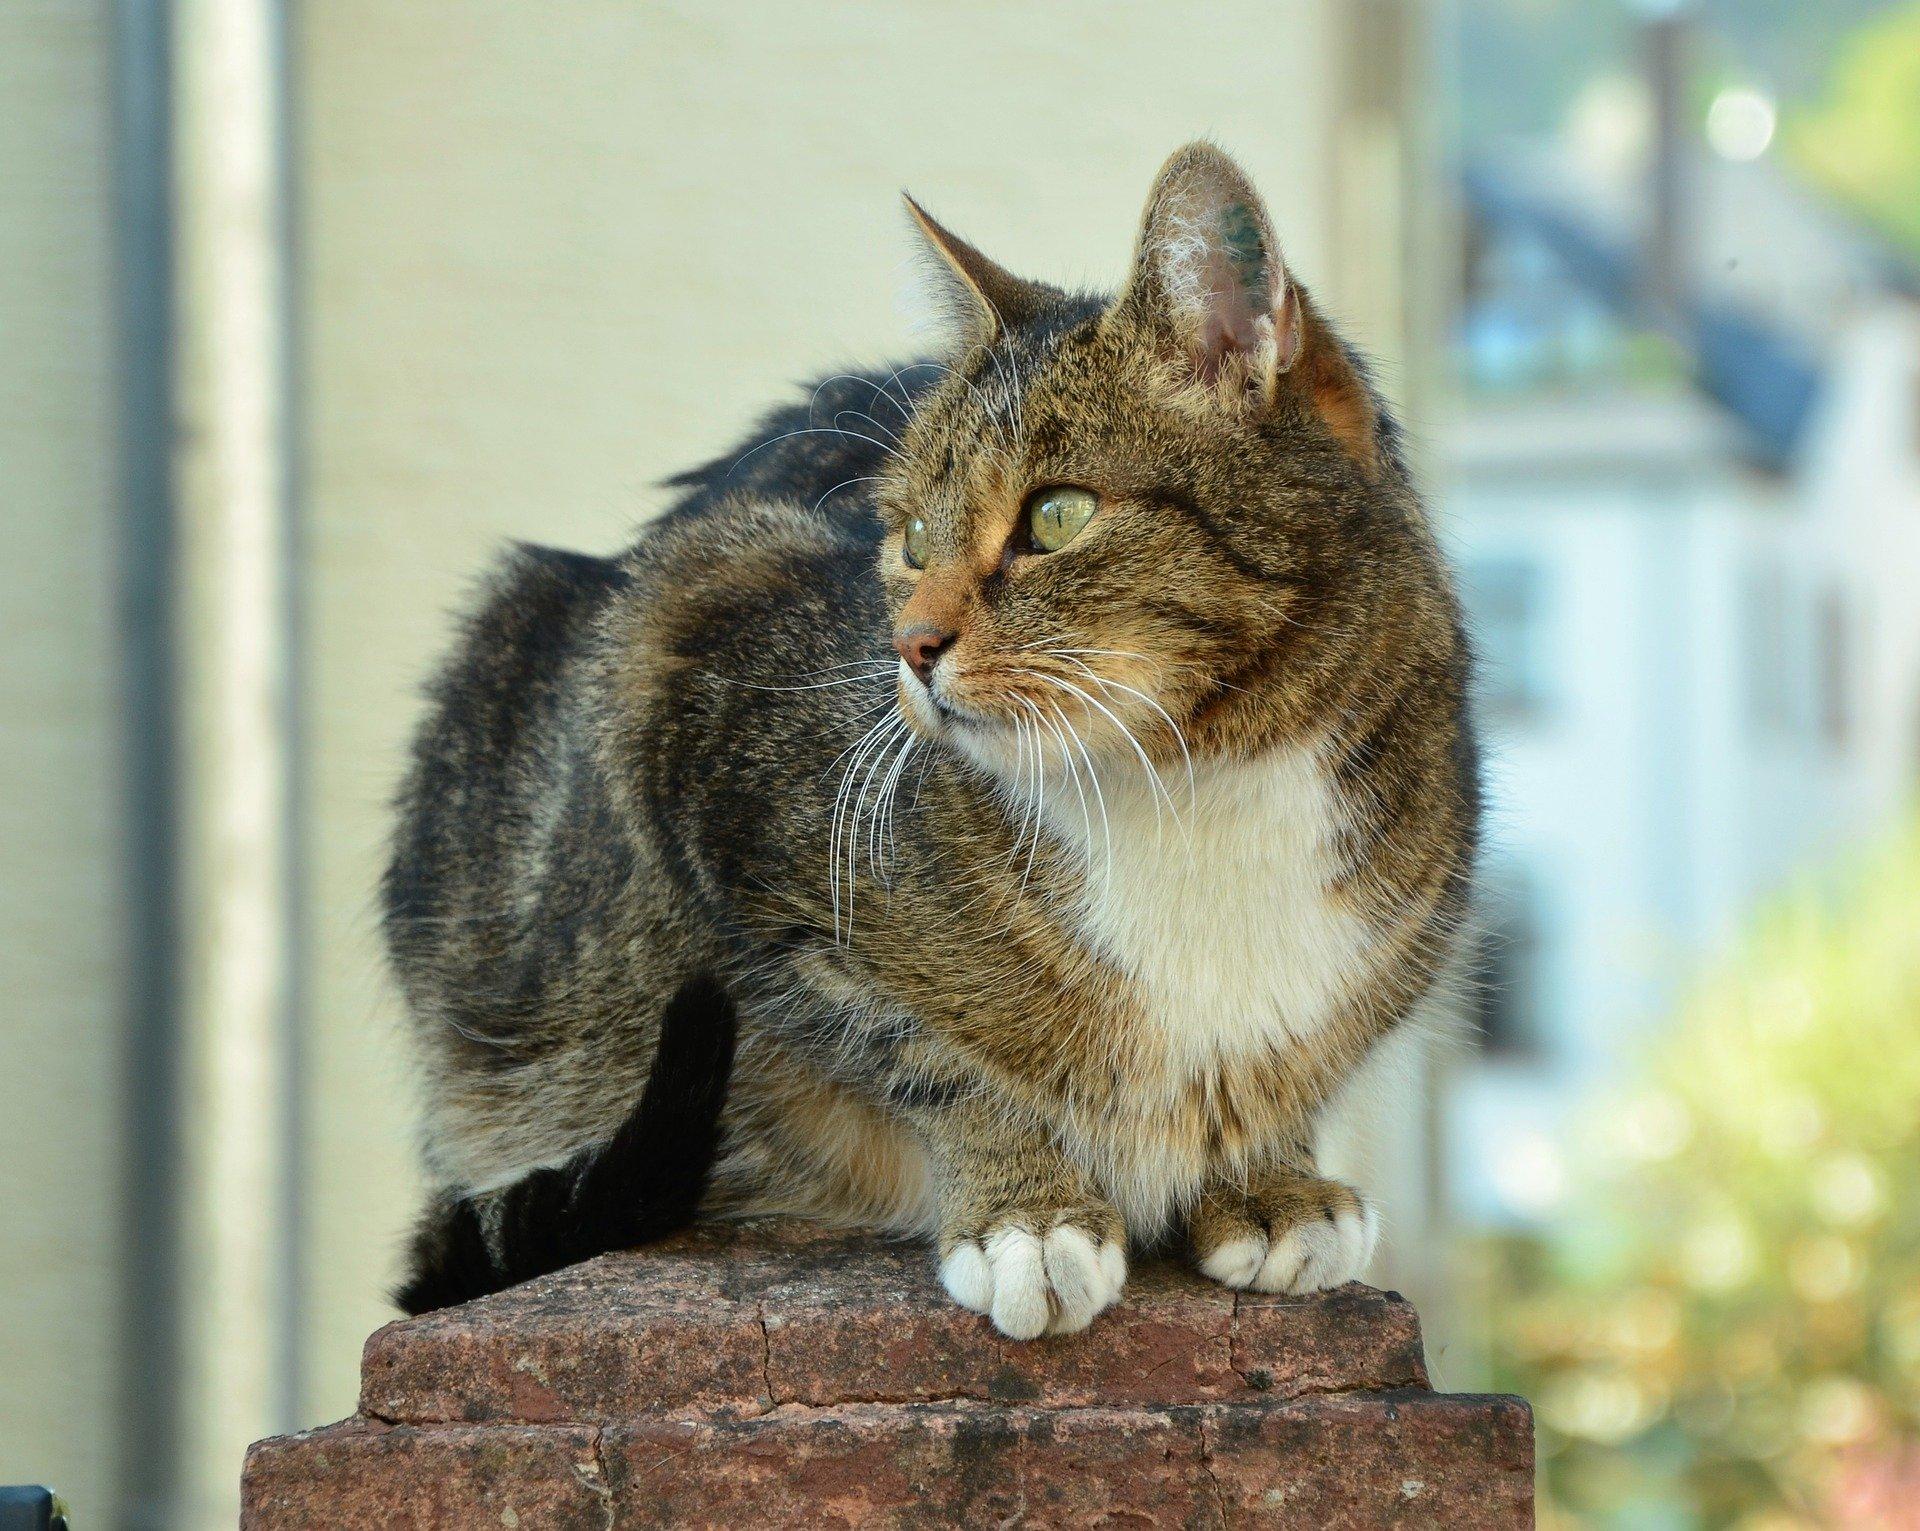 Malattia da graffio del gatto: quali sono i sintomi?